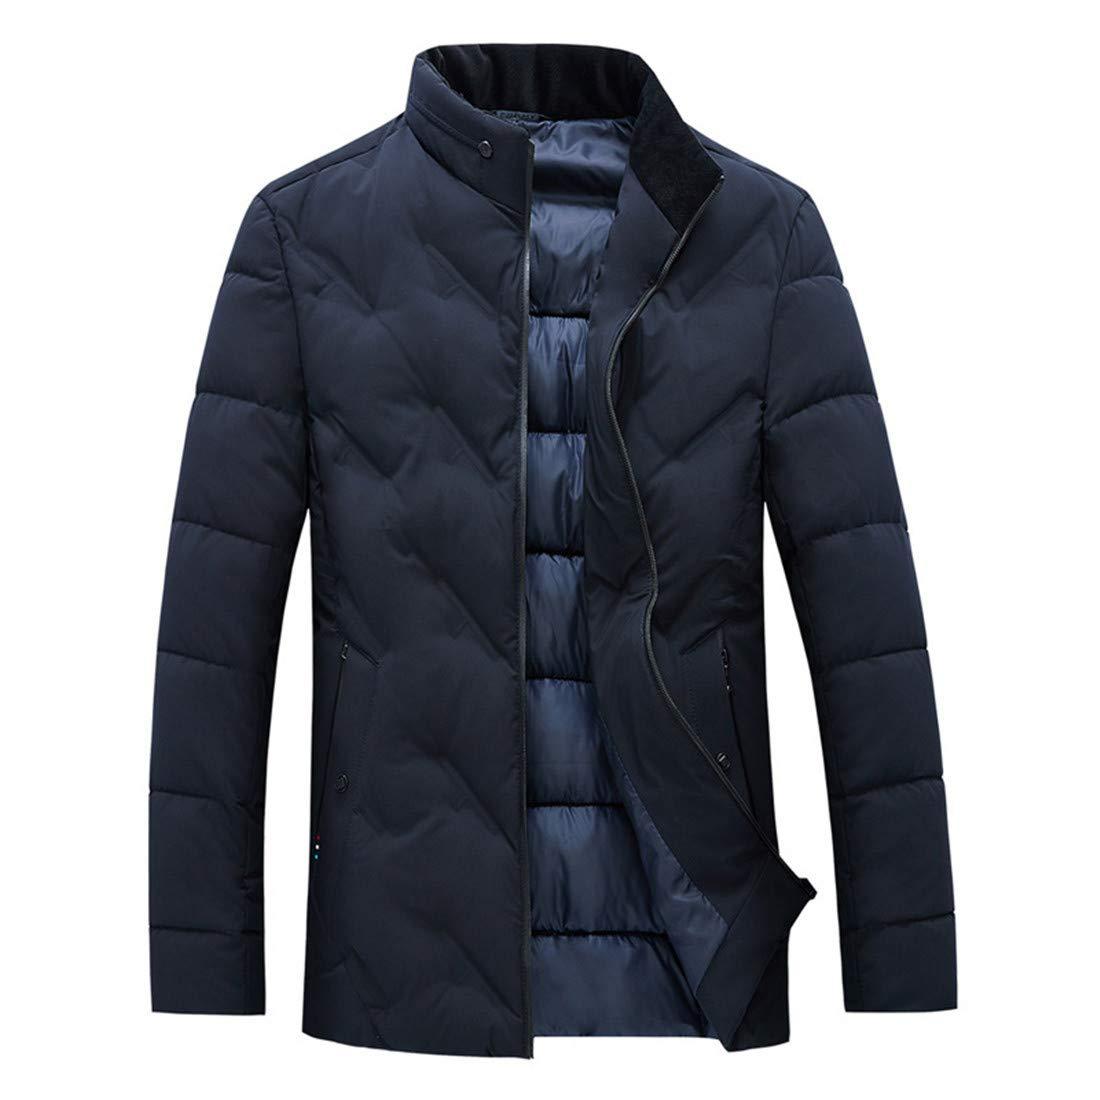 wpew-down Jacket Kurze Daunenjacke Wintermanteljacke